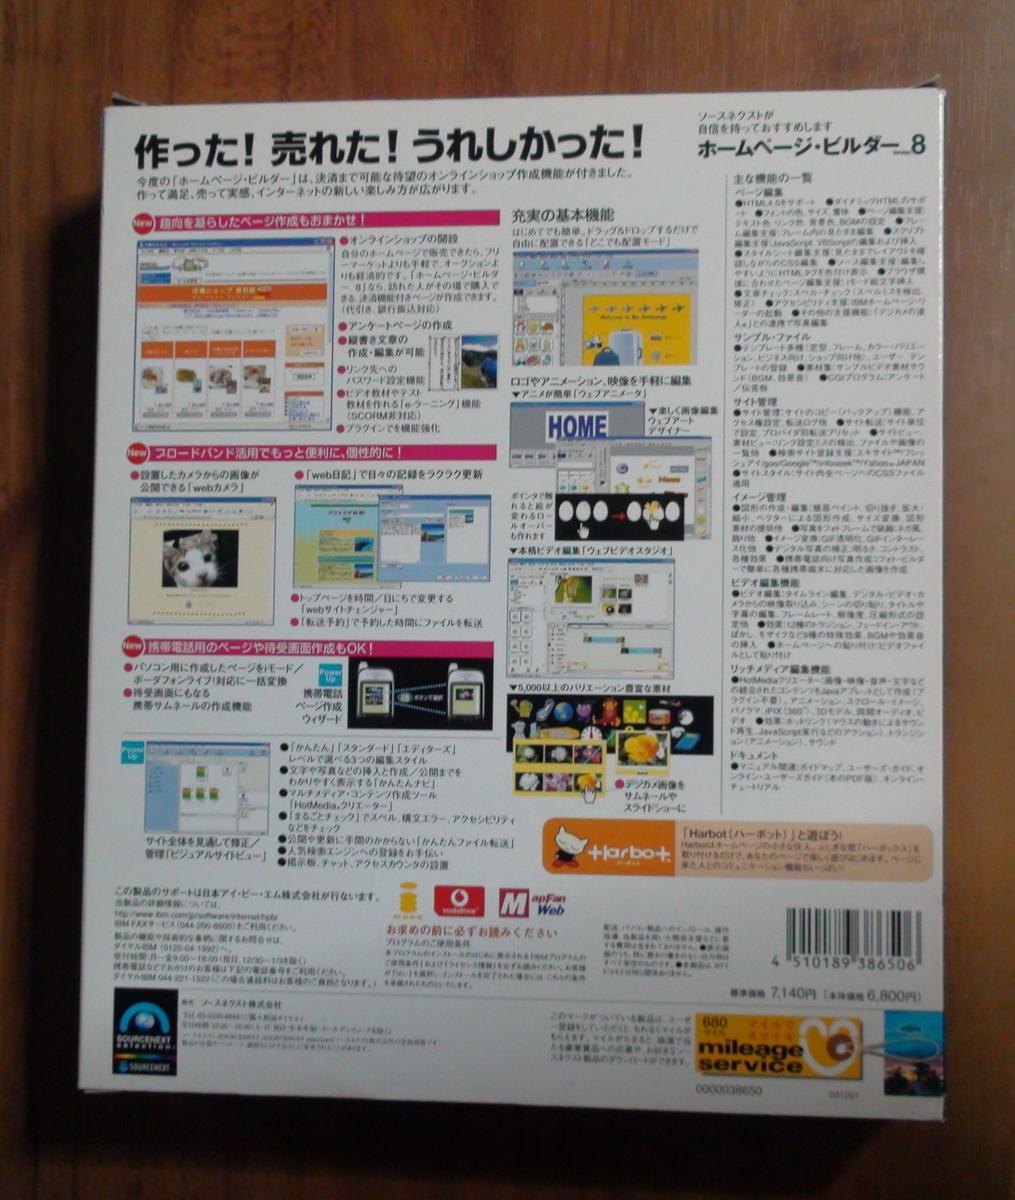 f:id:manga-corner:20191111025047j:plain